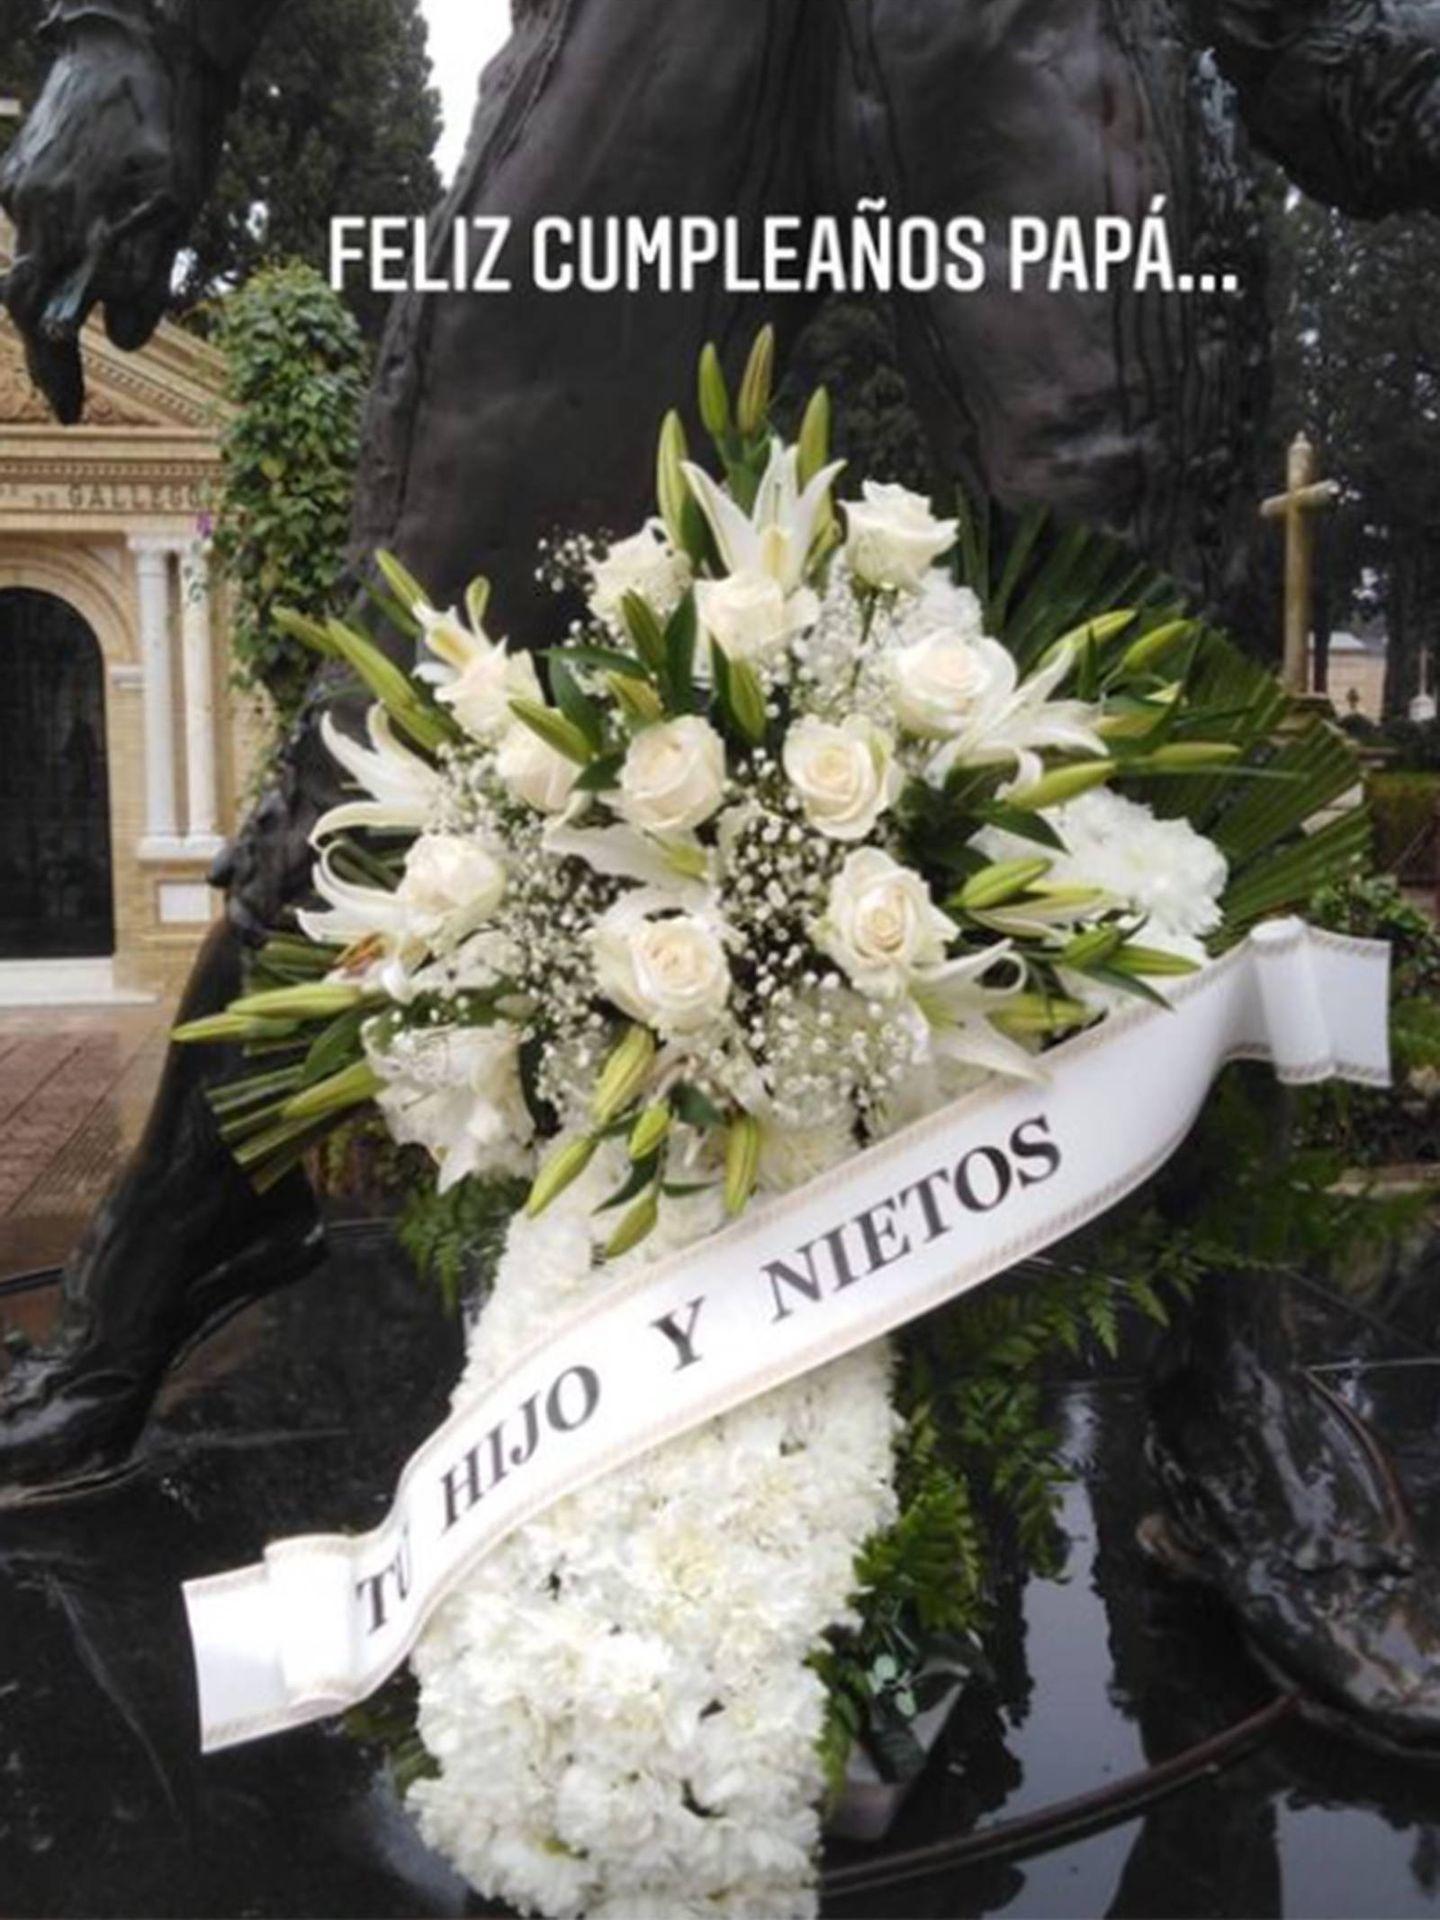 La corona de flores que Kiko Rivera ha enviado a la tumba de su padre. (Instagram riverakiko)